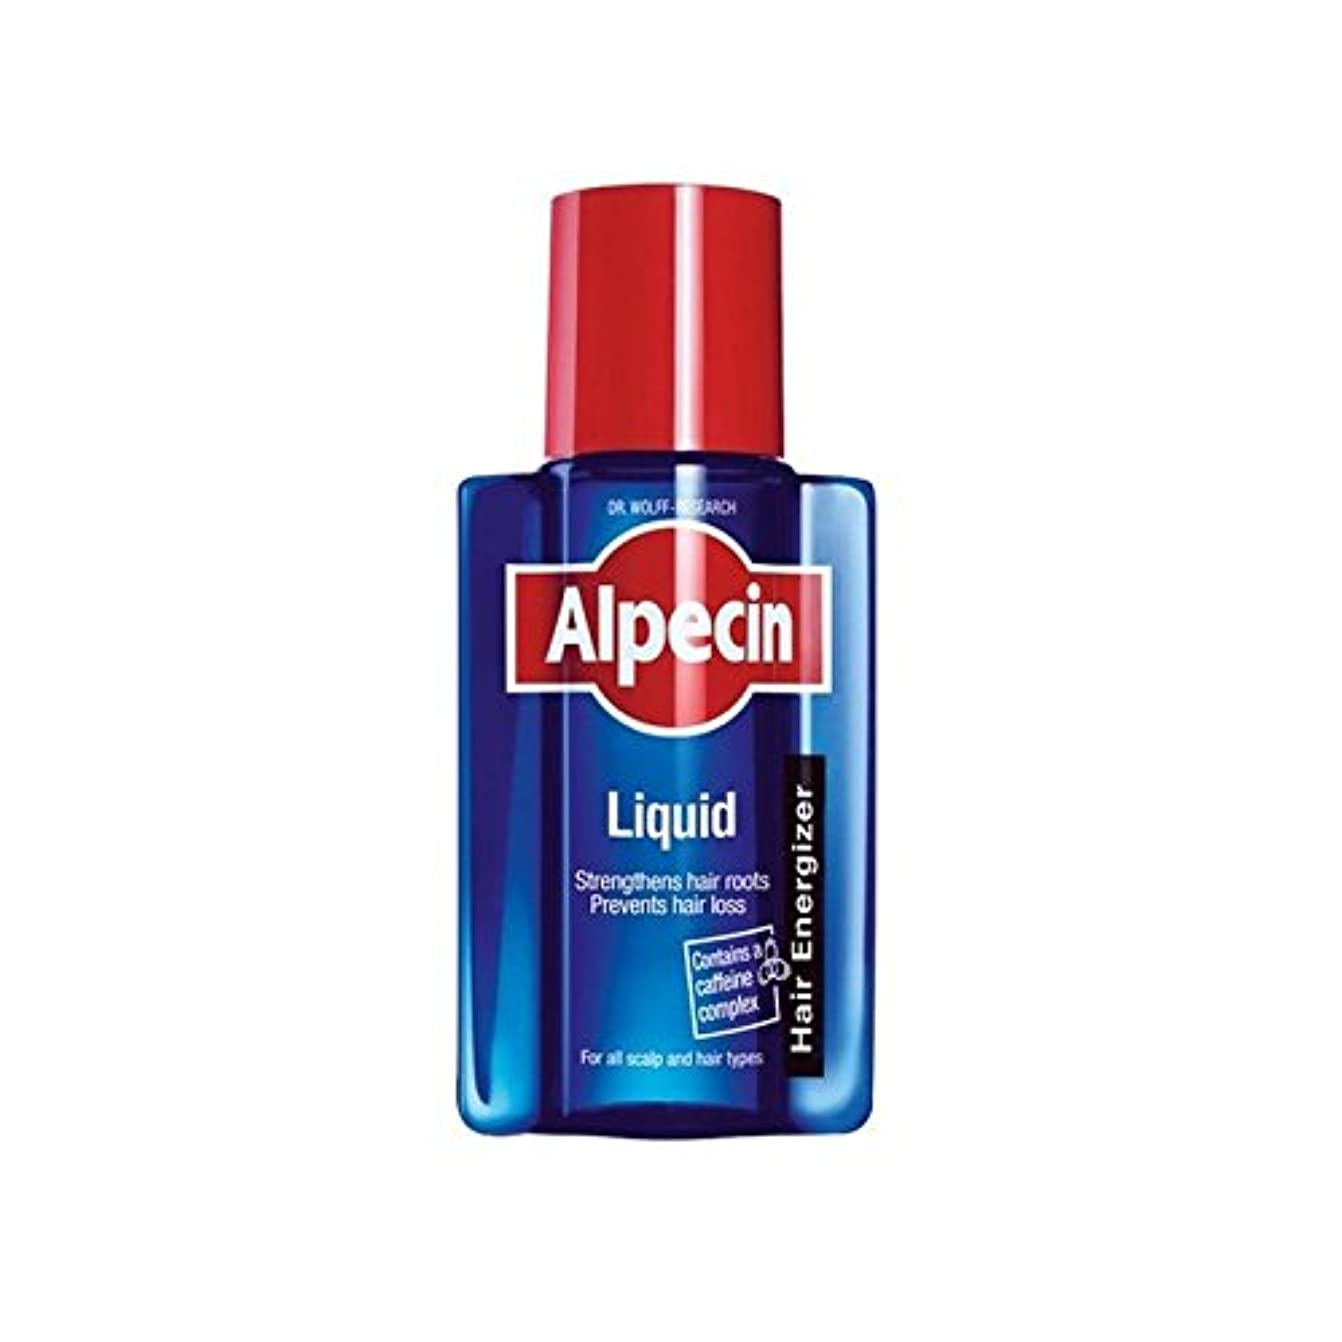 のホスト拒絶絶滅した液体(200)中 x4 - Alpecin Liquid (200ml) (Pack of 4) [並行輸入品]